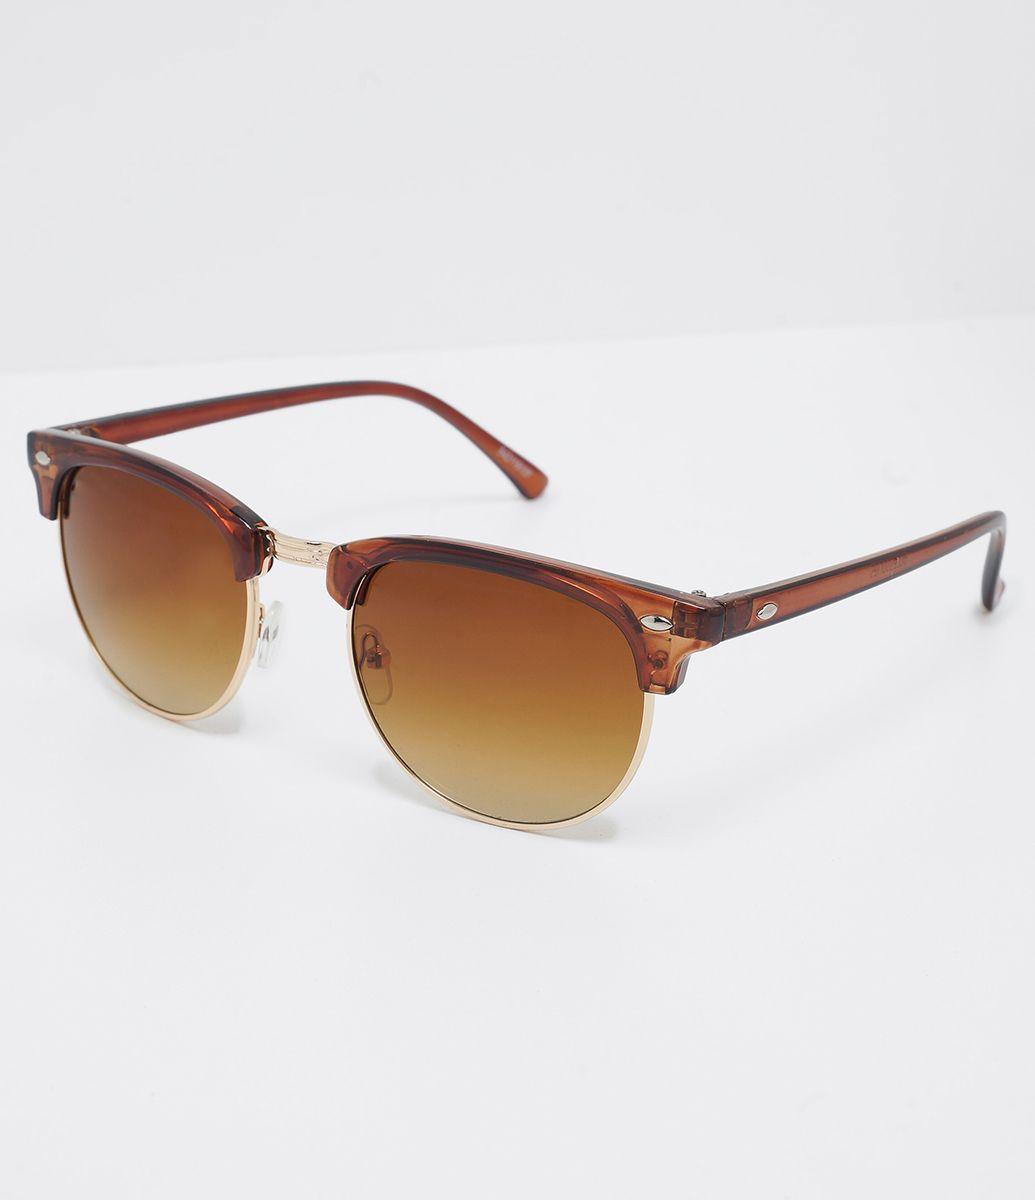 11c89626a00e9 Óculos de sol Modelo quadrado Hastes em acetato Lentes degradê Proteção  contra raios UVA   UVB